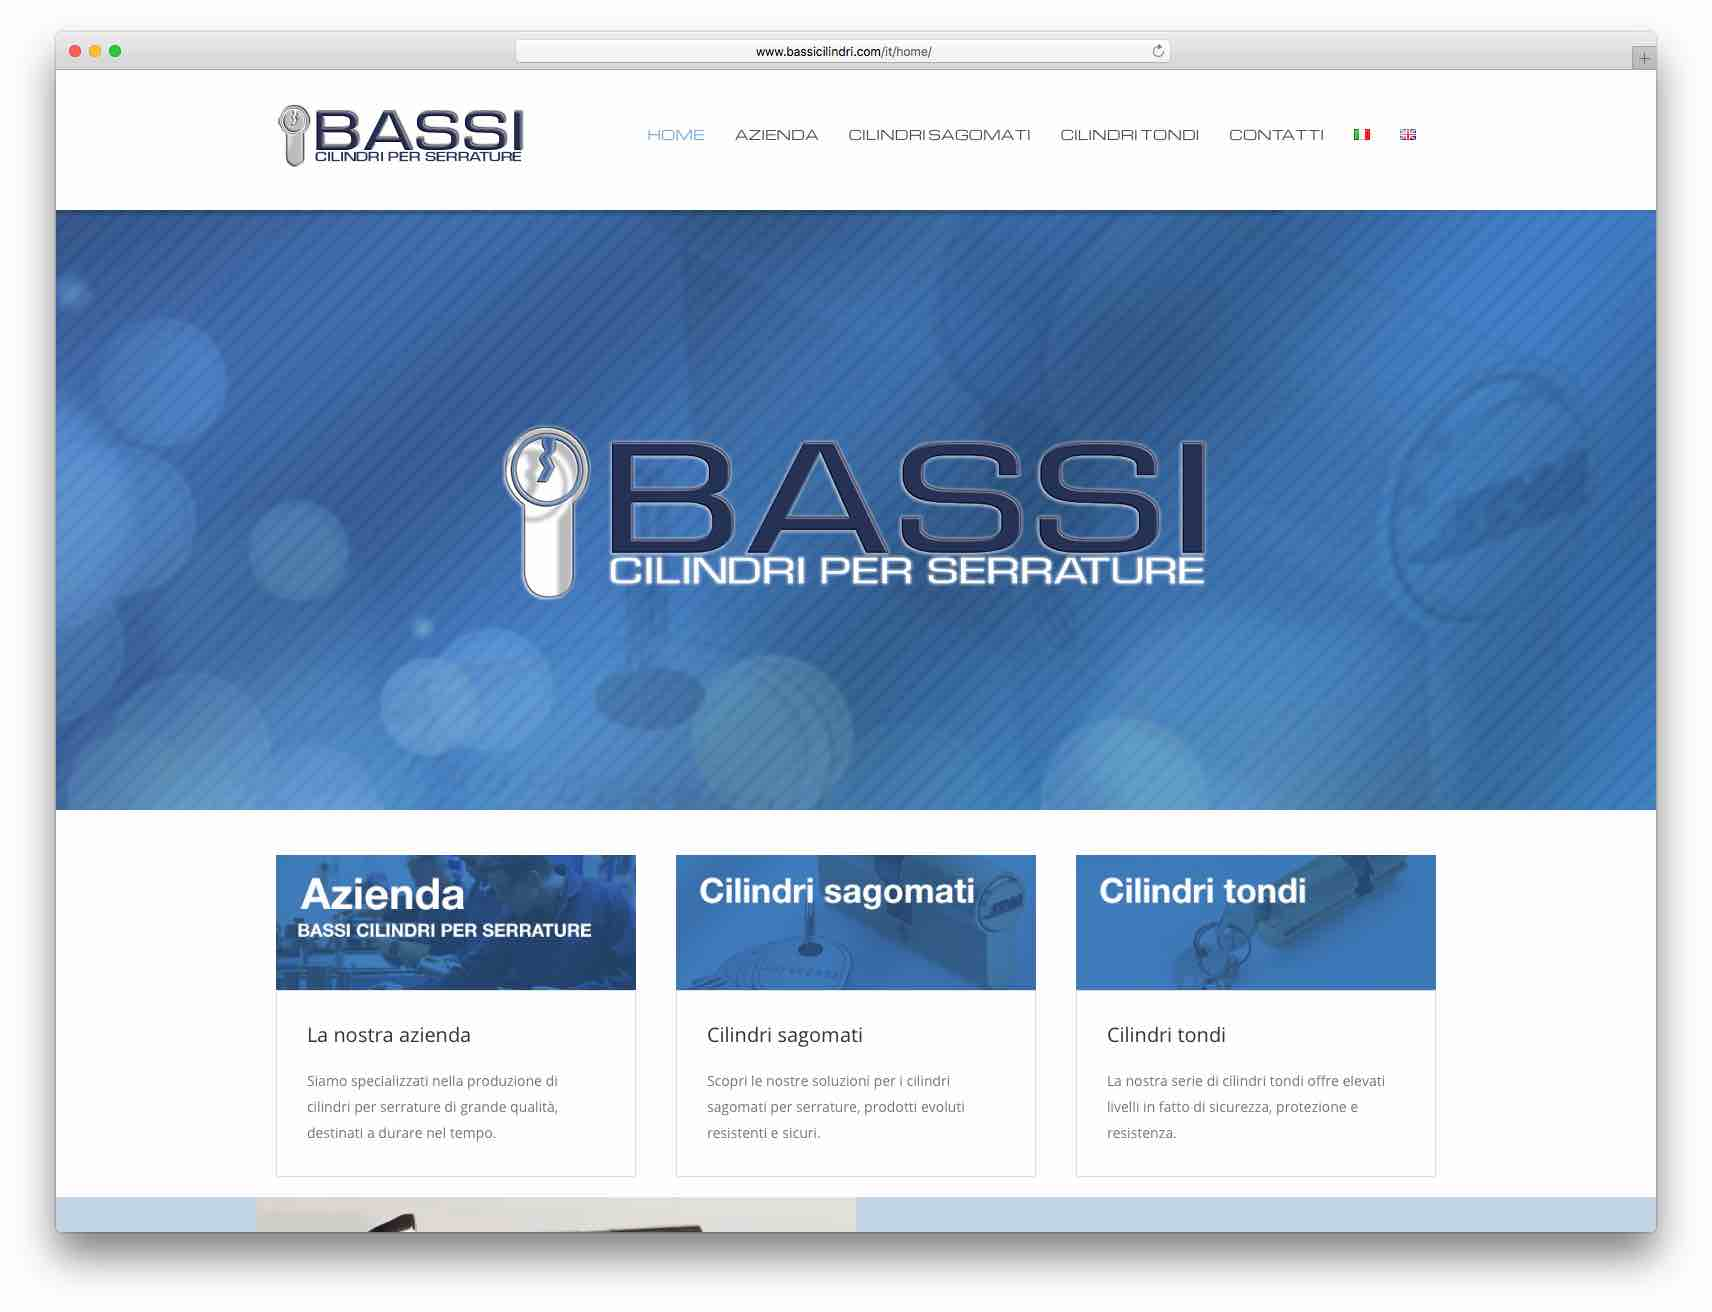 Creazione Siti Web Brescia - Sito Web Bassi Cilindri